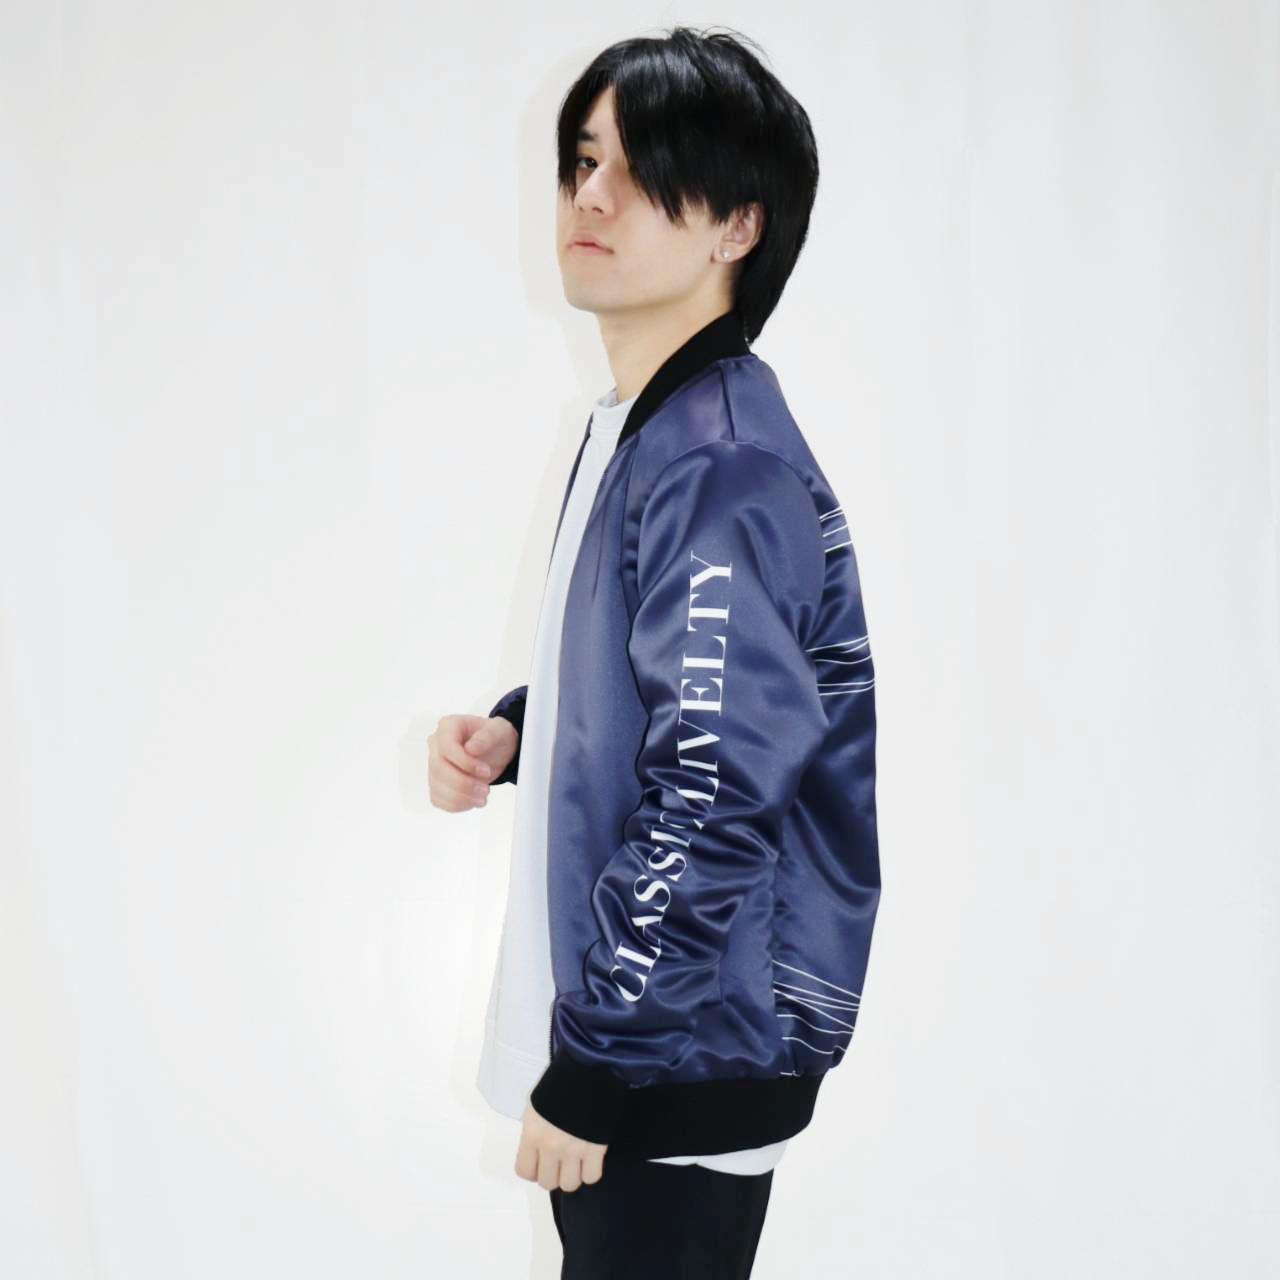 サテンMA-1ジャケット ネイビー